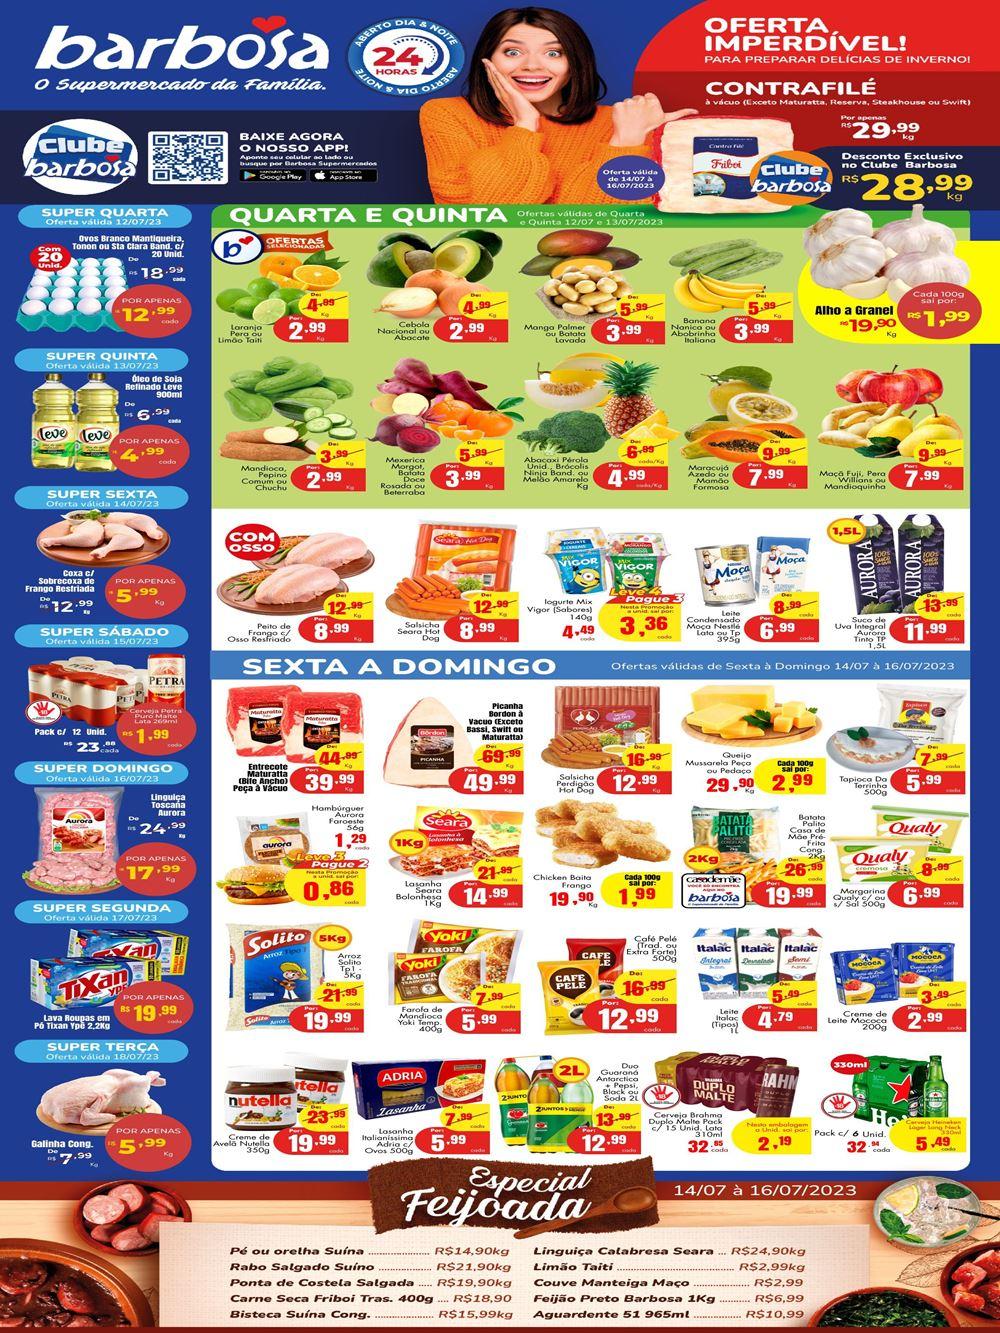 barbosa-ofertas-descontos-hoje1-15 Barbosa até 21/01